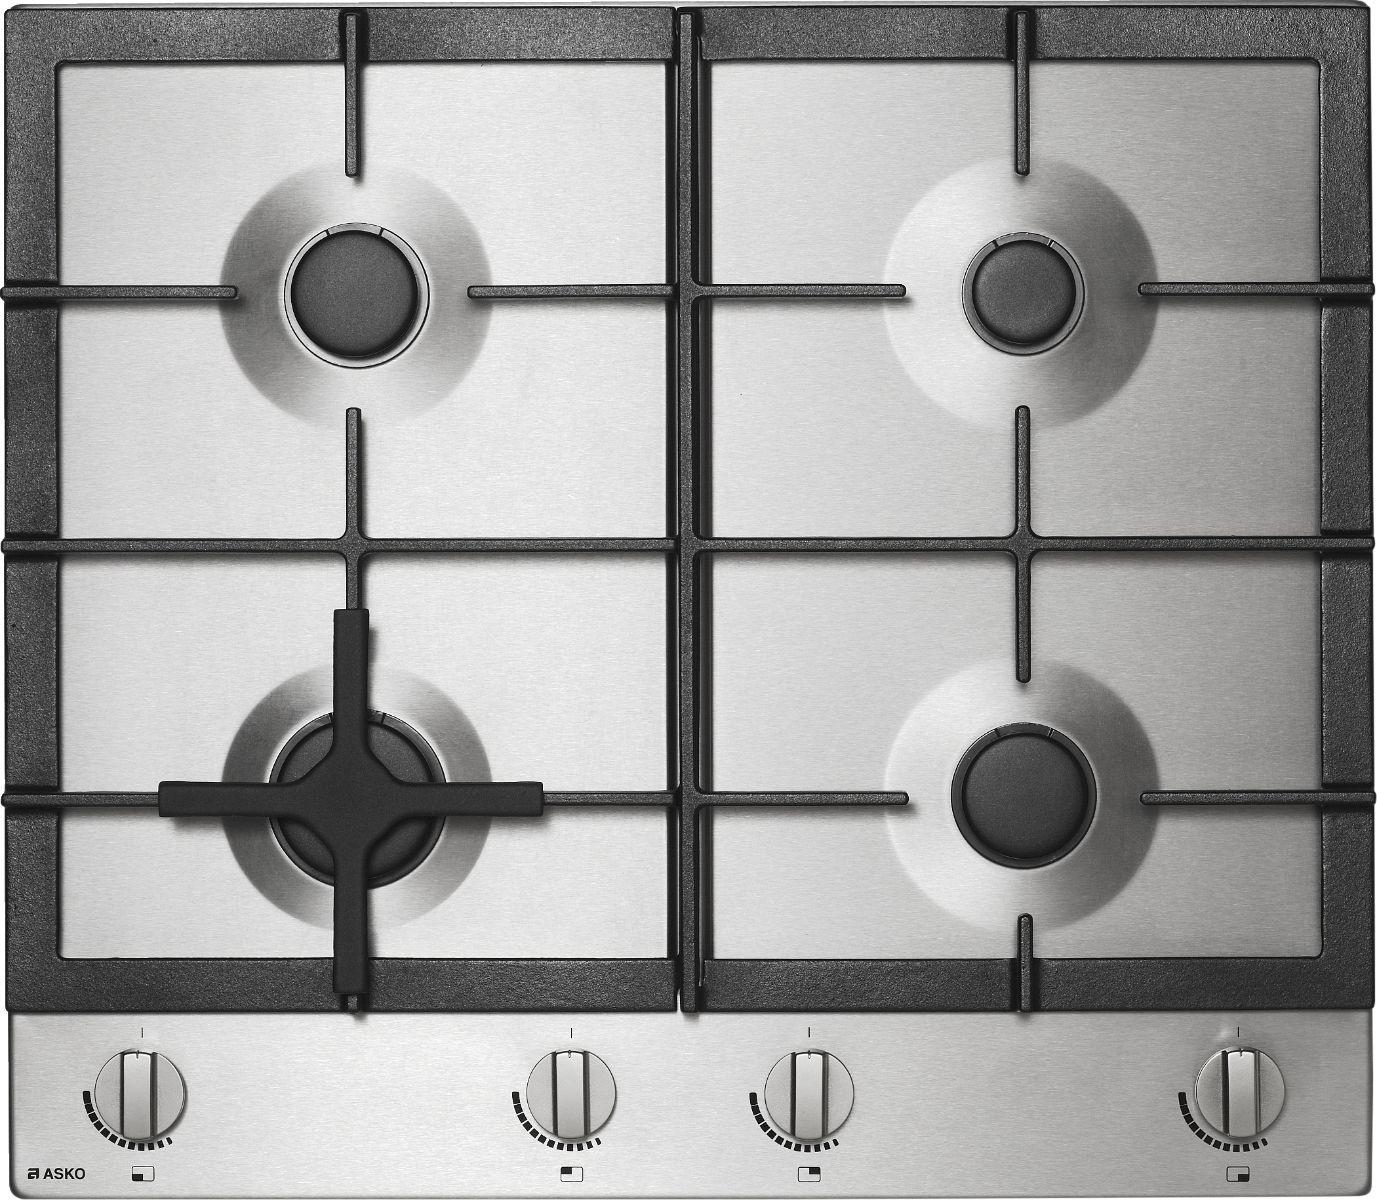 Sleek and stylish: gas cooktop range